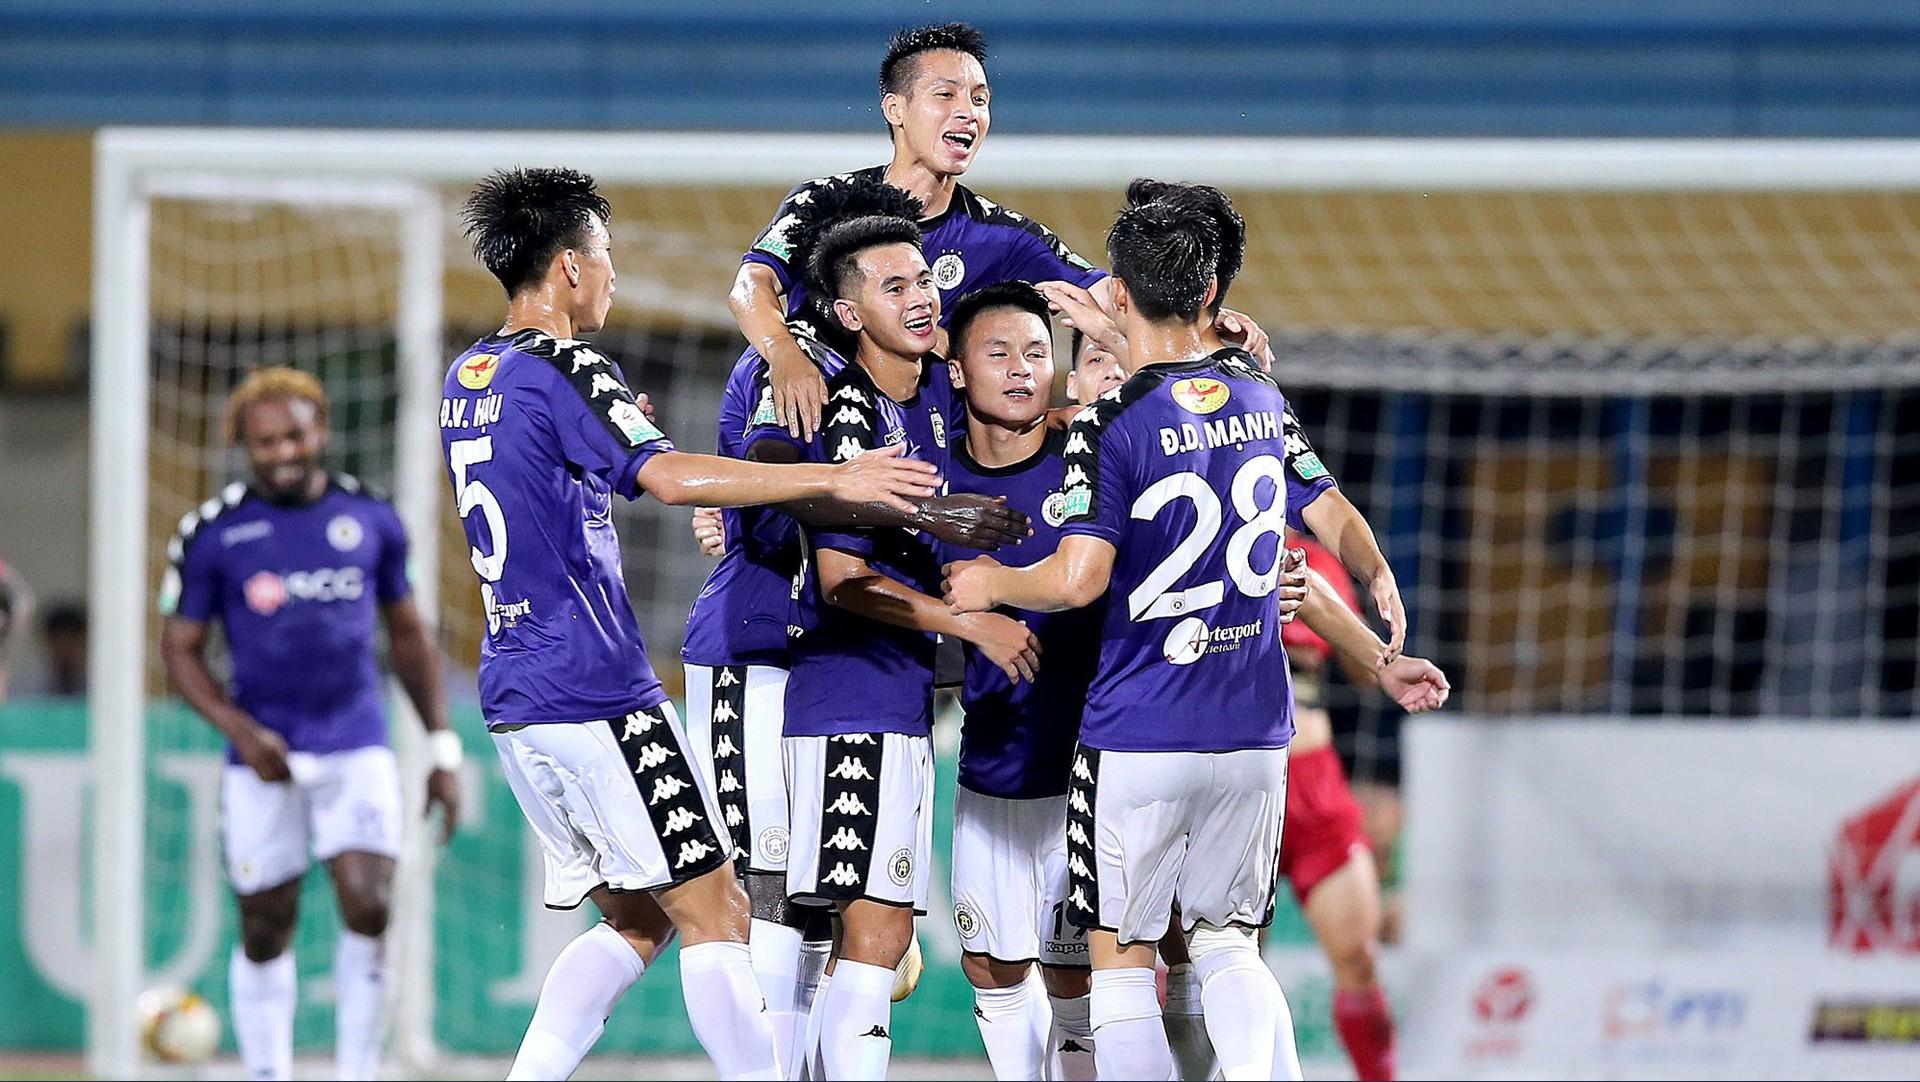 Cuộc chơi đầy tốn kém của các ông bầu bóng đá: Sông Lam Nghệ An, HAGL lỗ vài trăm tỷ, các đội giàu thành tích nhất cũng vật lộn với thua lỗ - Ảnh 8.